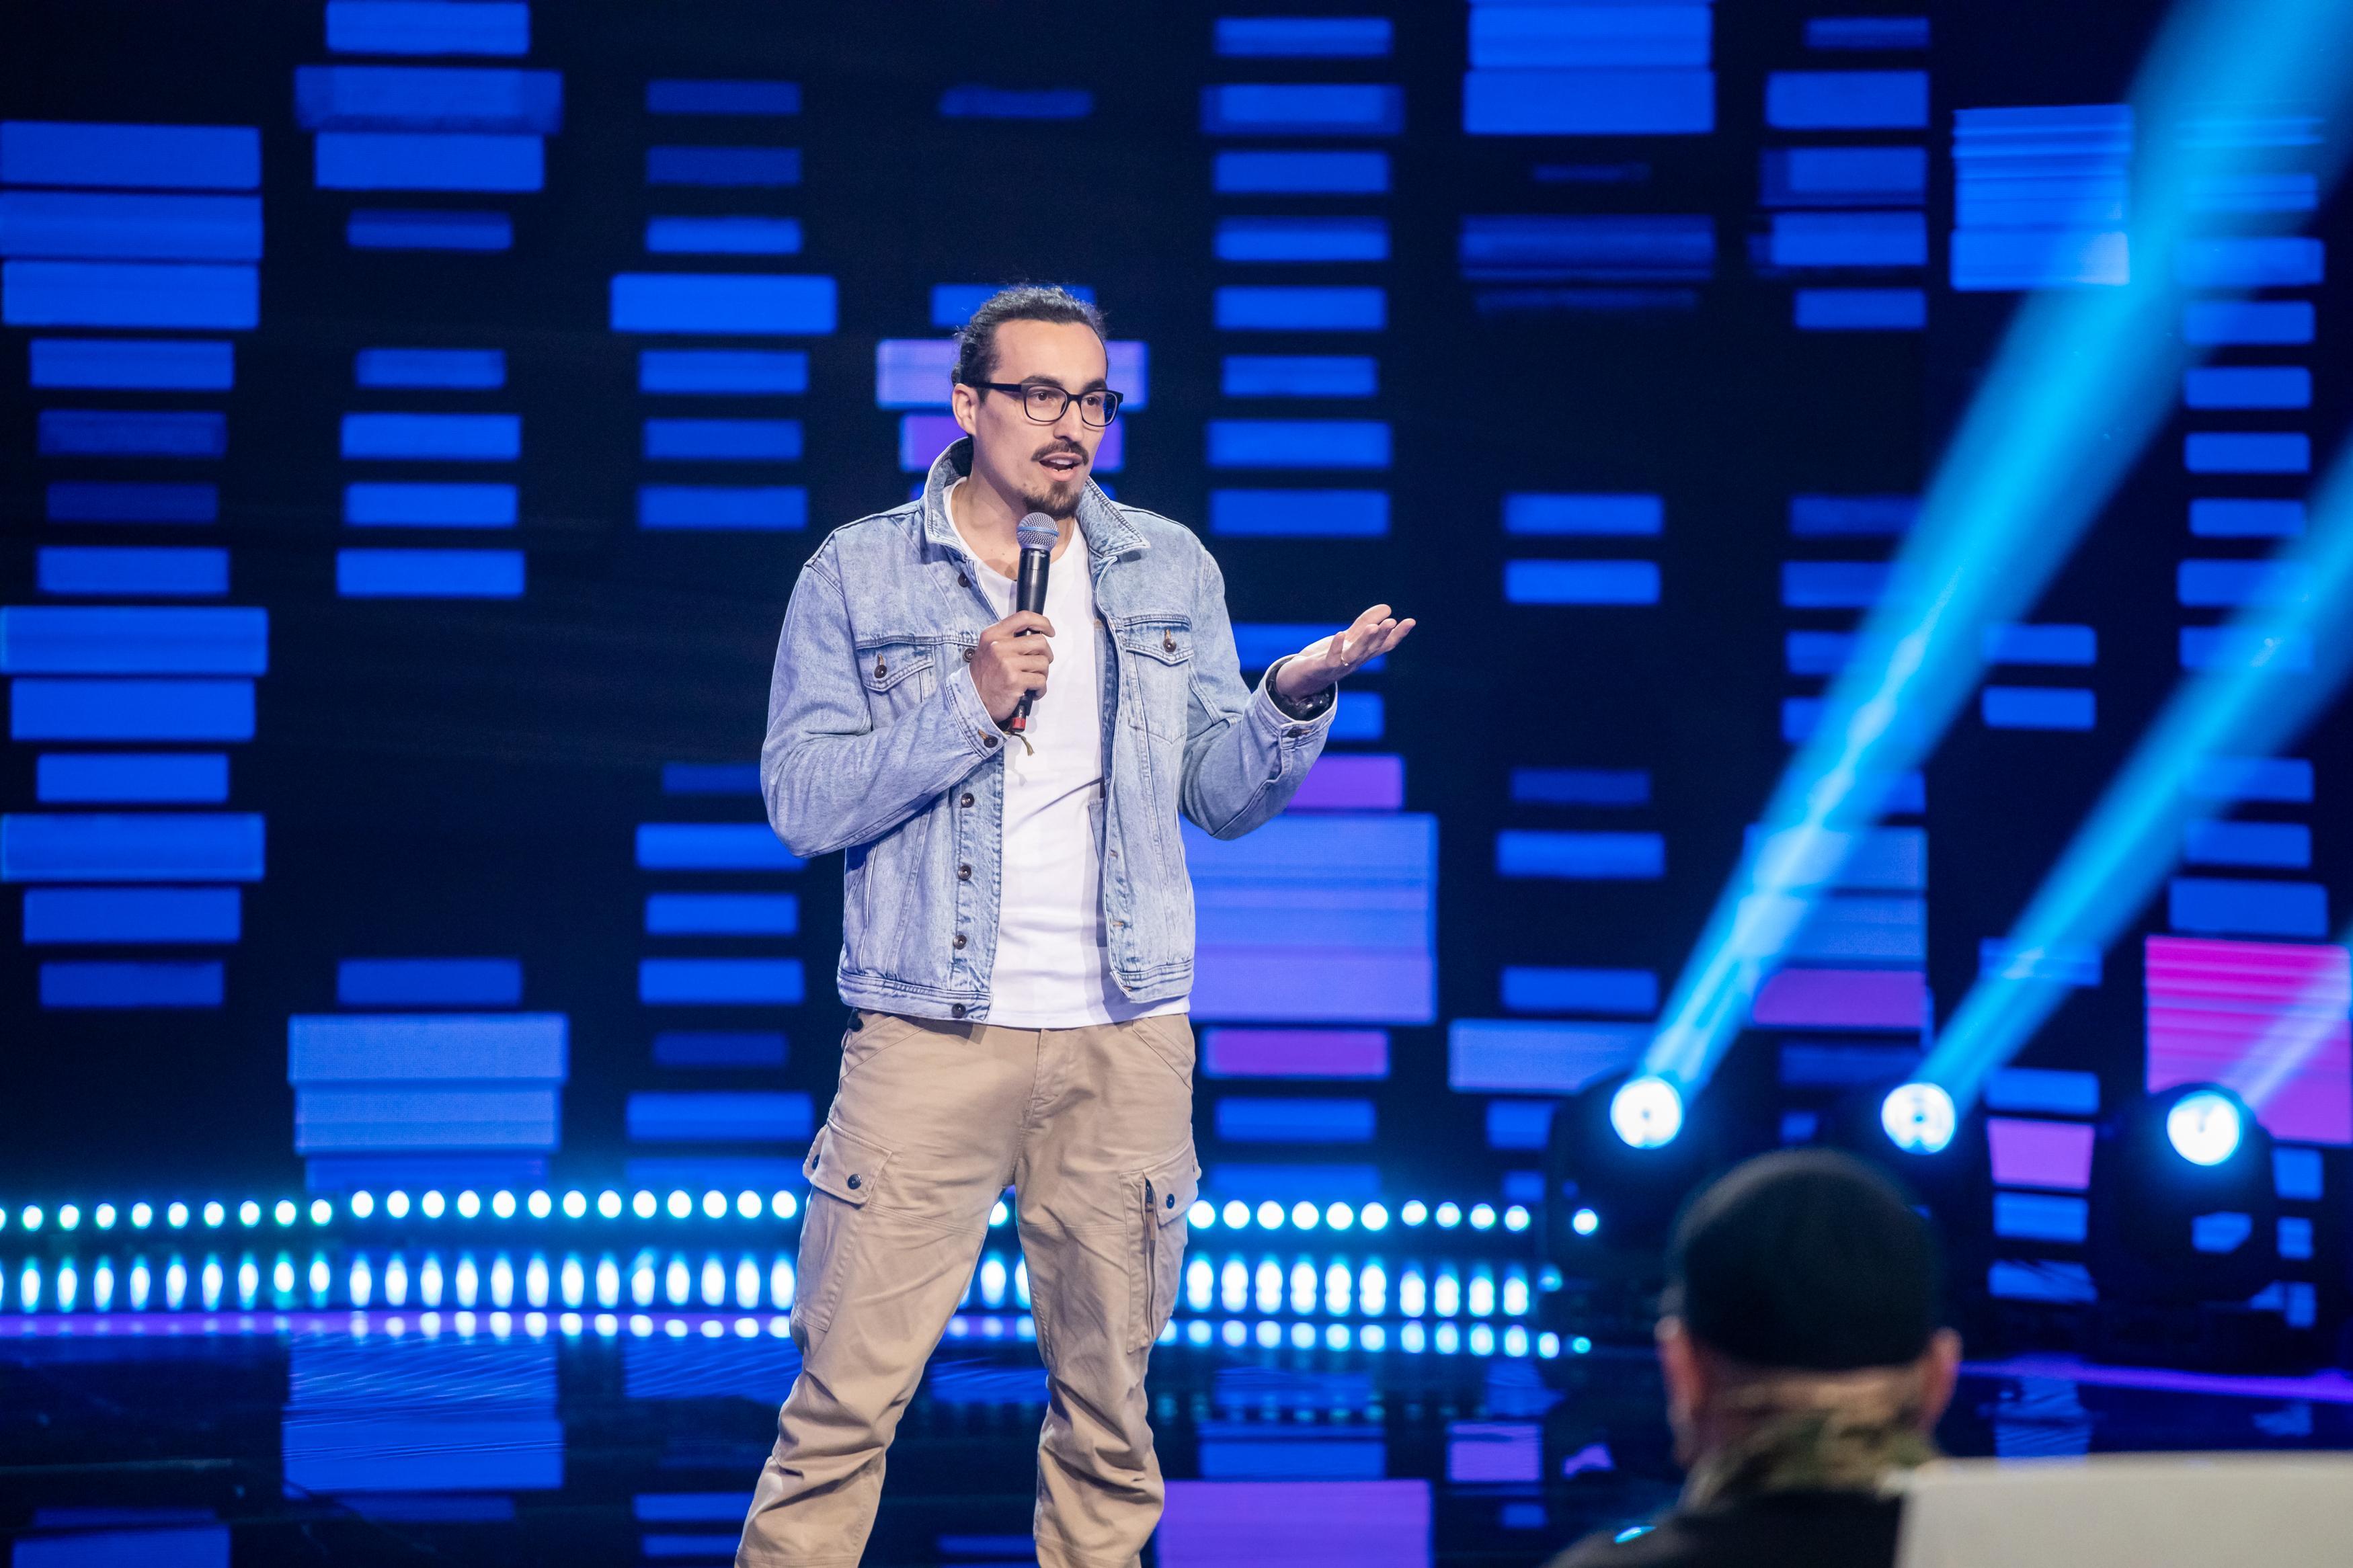 Finala iUmor 2021. Alexandru Mincu, invitatul special, a stârnit hohote de râs cu povești din lockdown